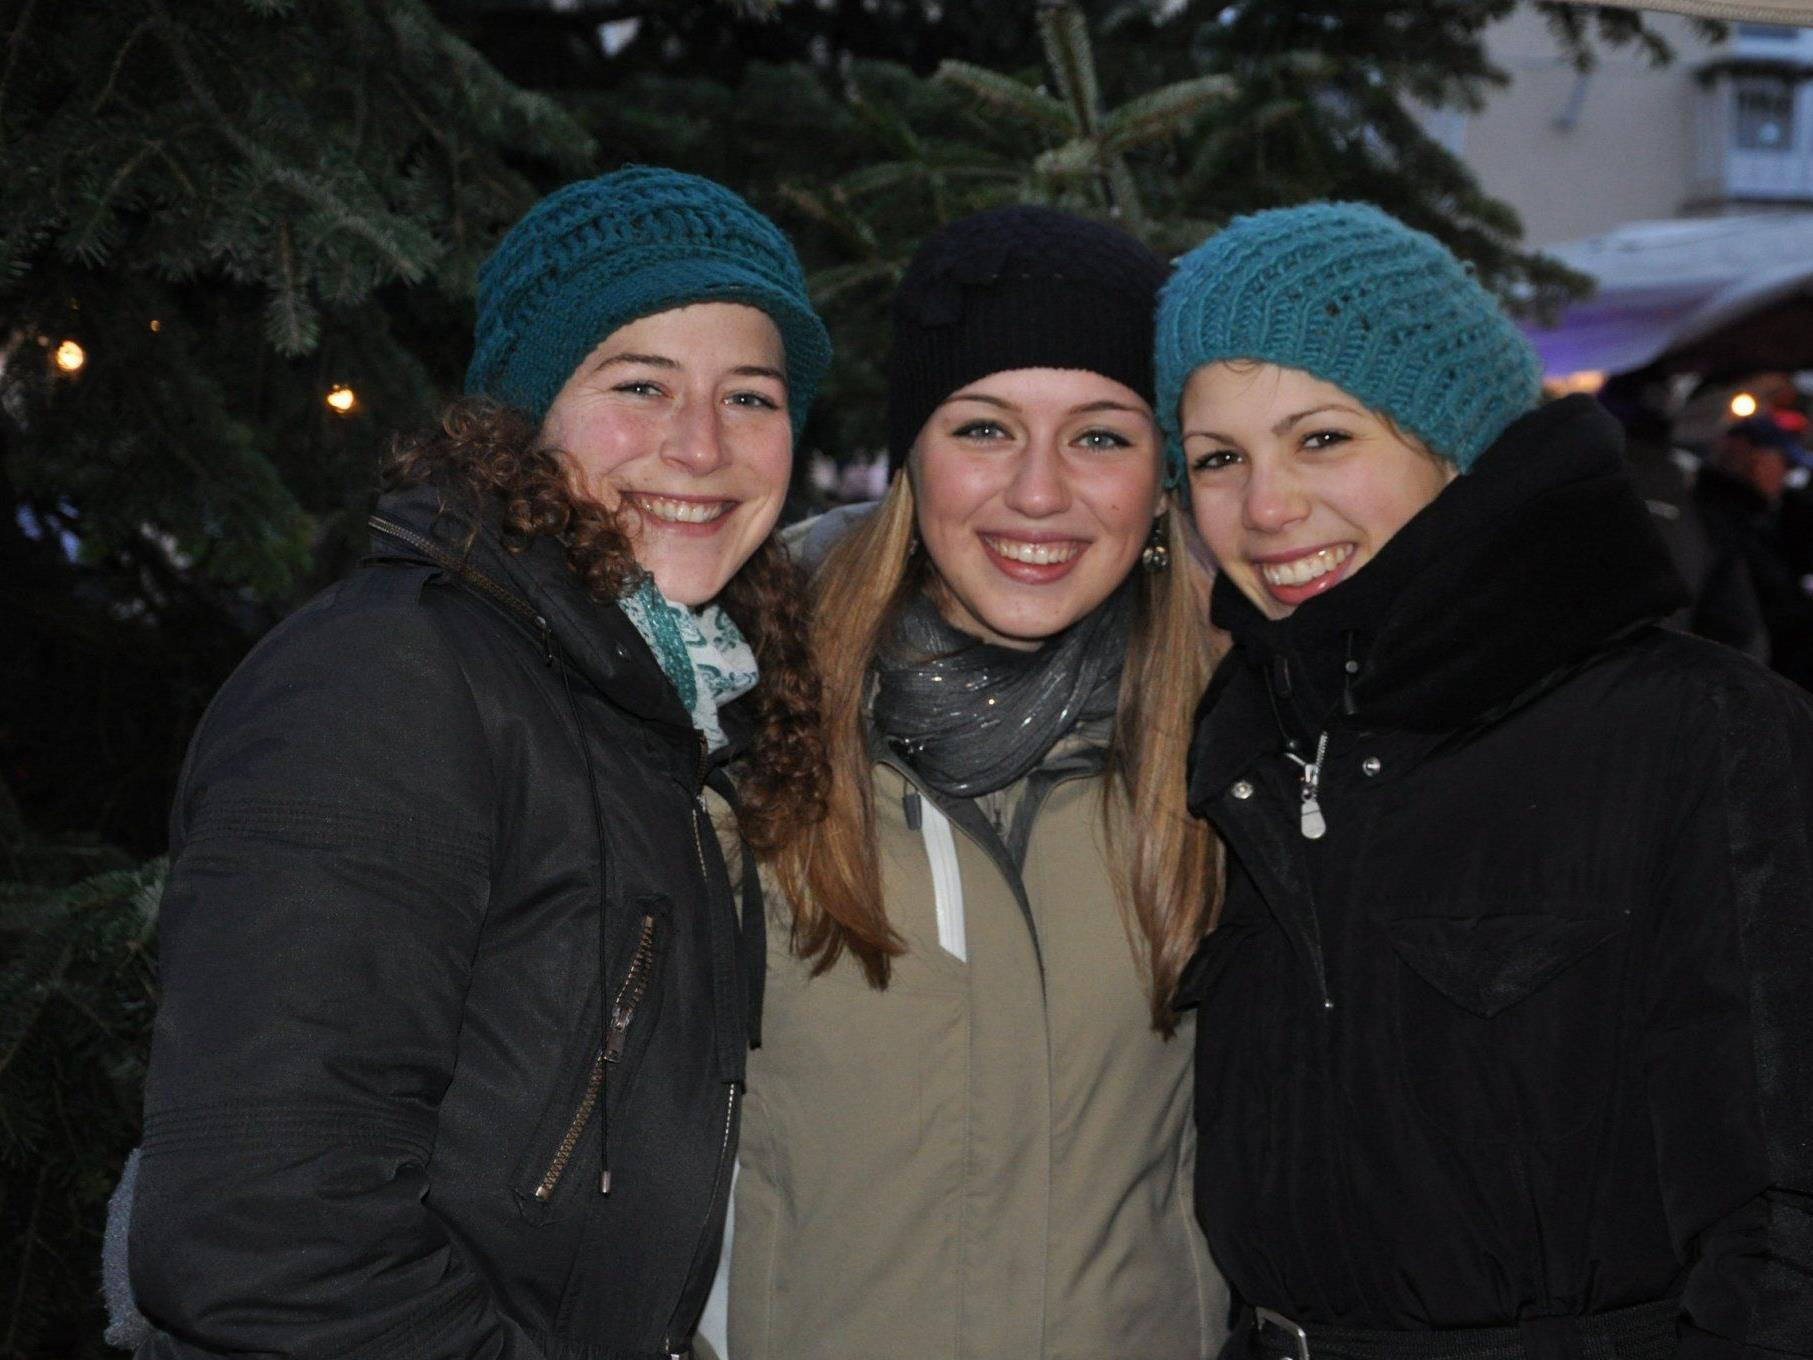 Der traditionelle Hörbranzer Weihnachtsmarkt findet am 17. Dezember statt.